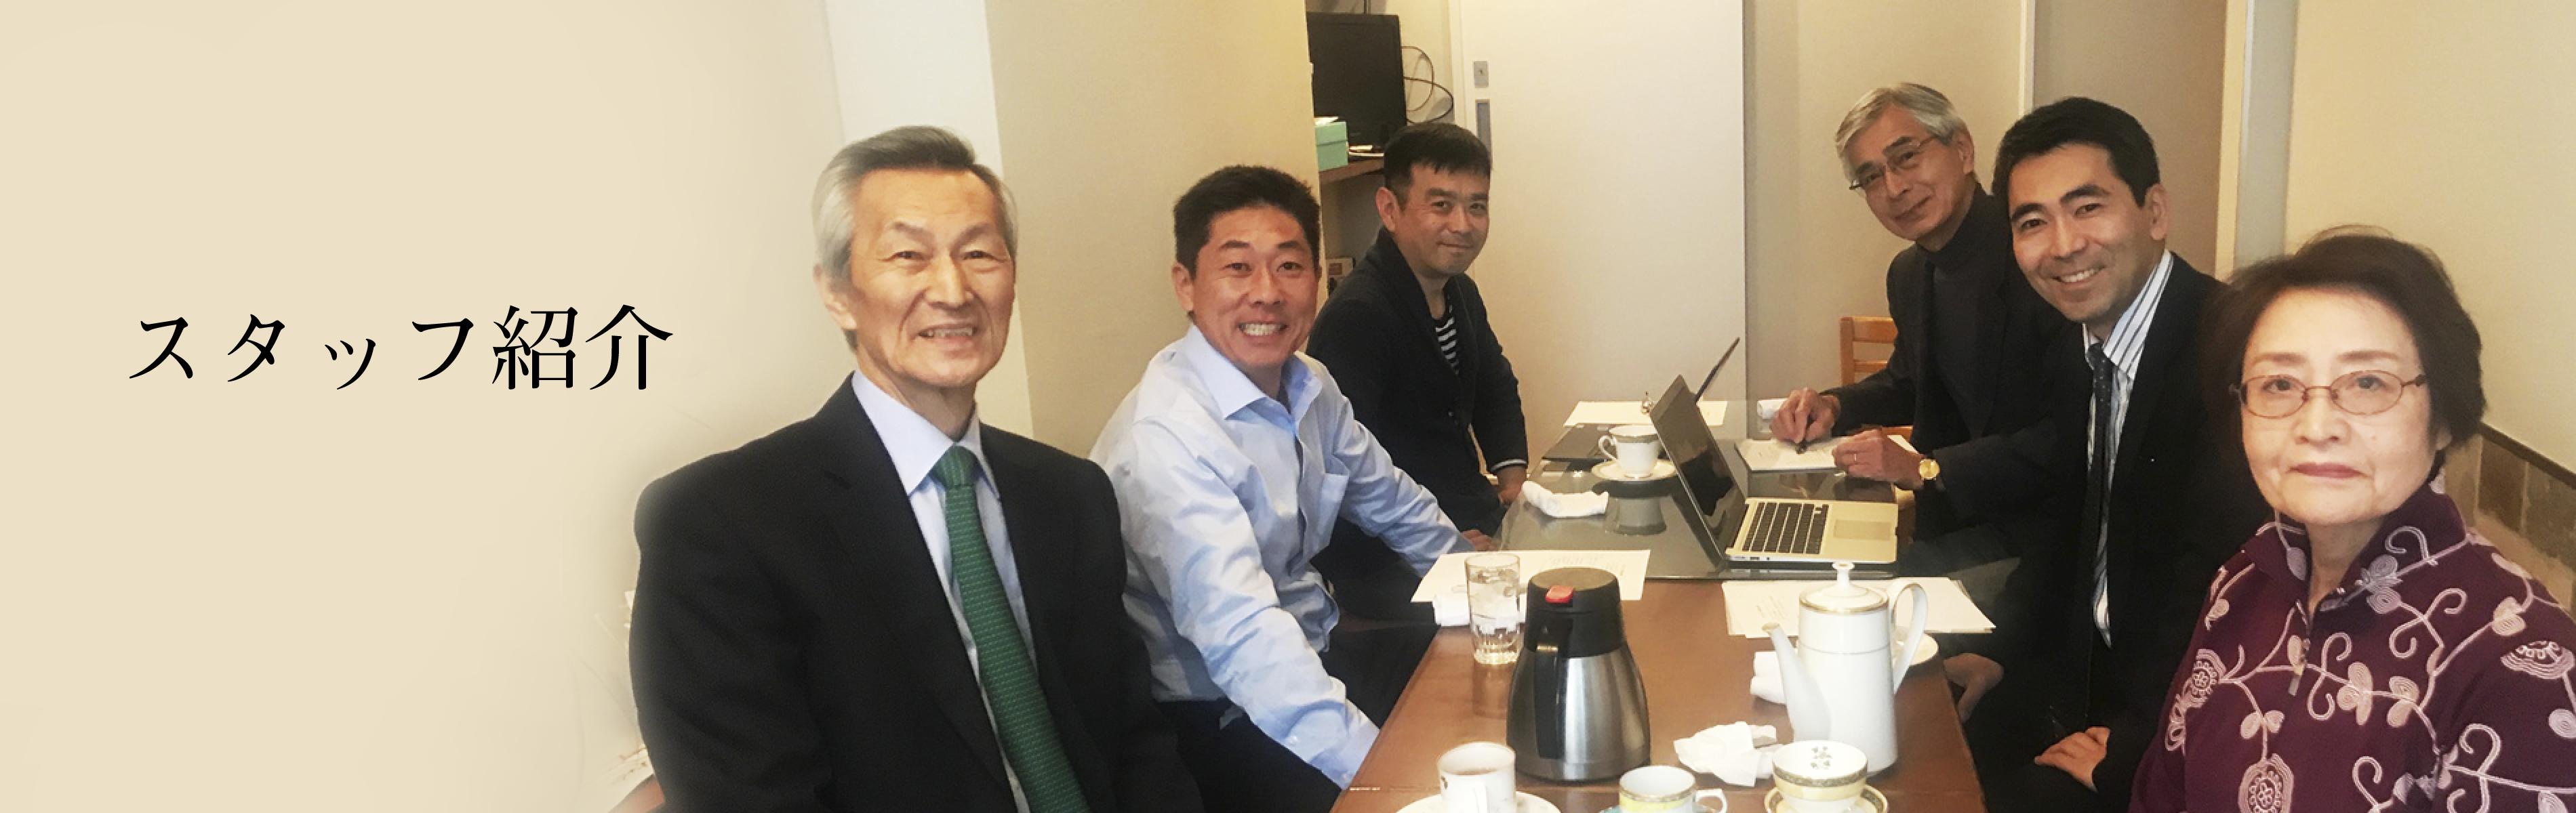 http://nan-toka-naru.net/about/staff/